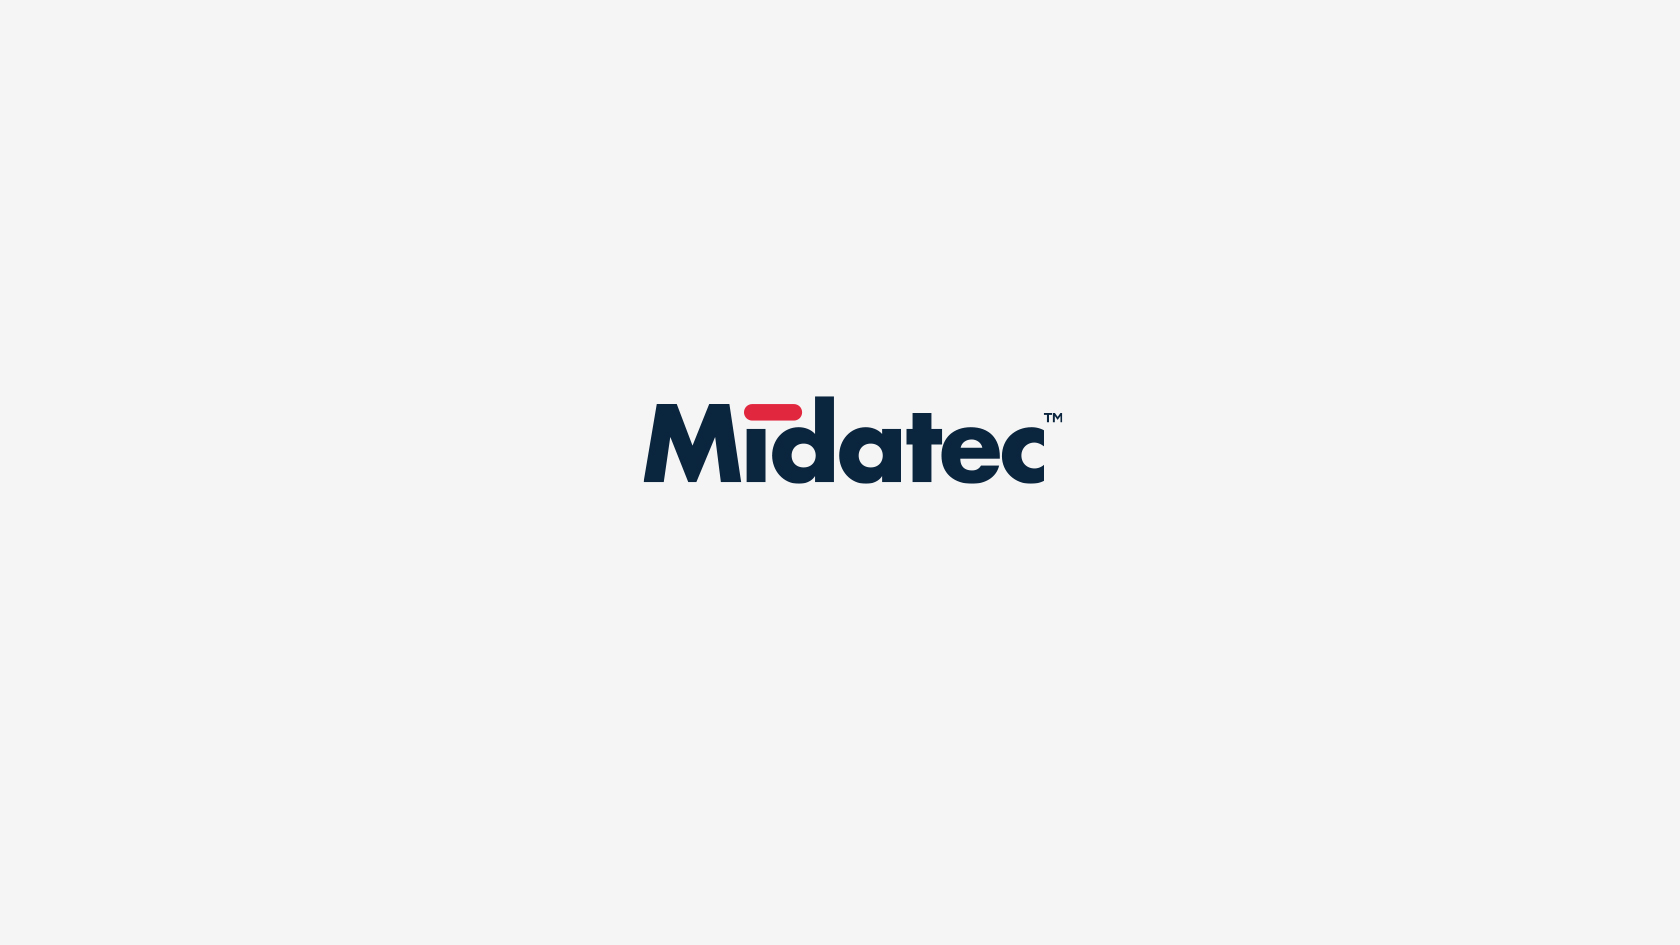 pixelarte-estudio-diseno-grafico-logotipo-para-Midatec